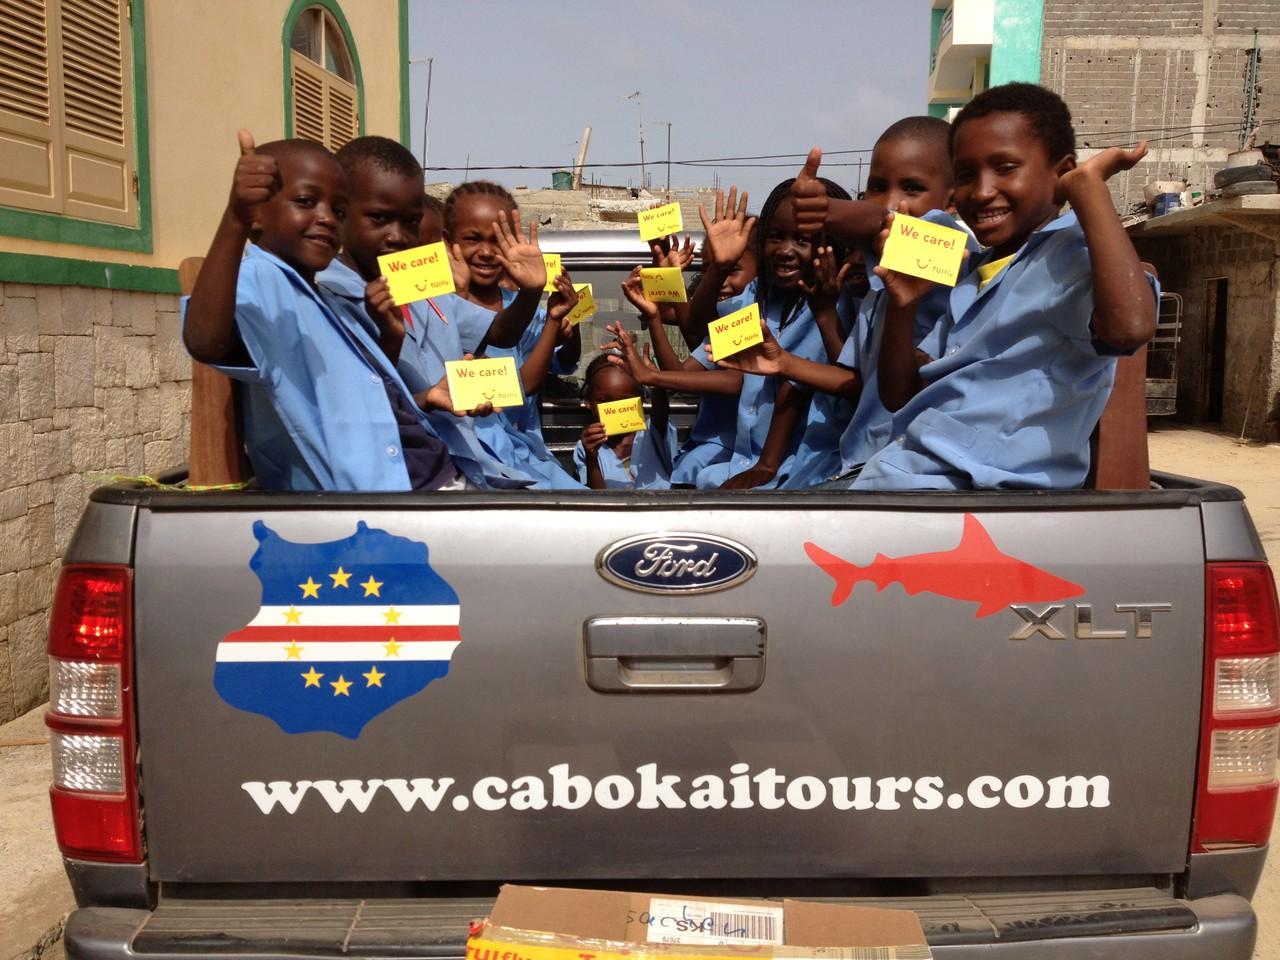 CaboKaiTours unterstützt das Kinderhilfsprojekt - auch mit Hilfe von Tuifly